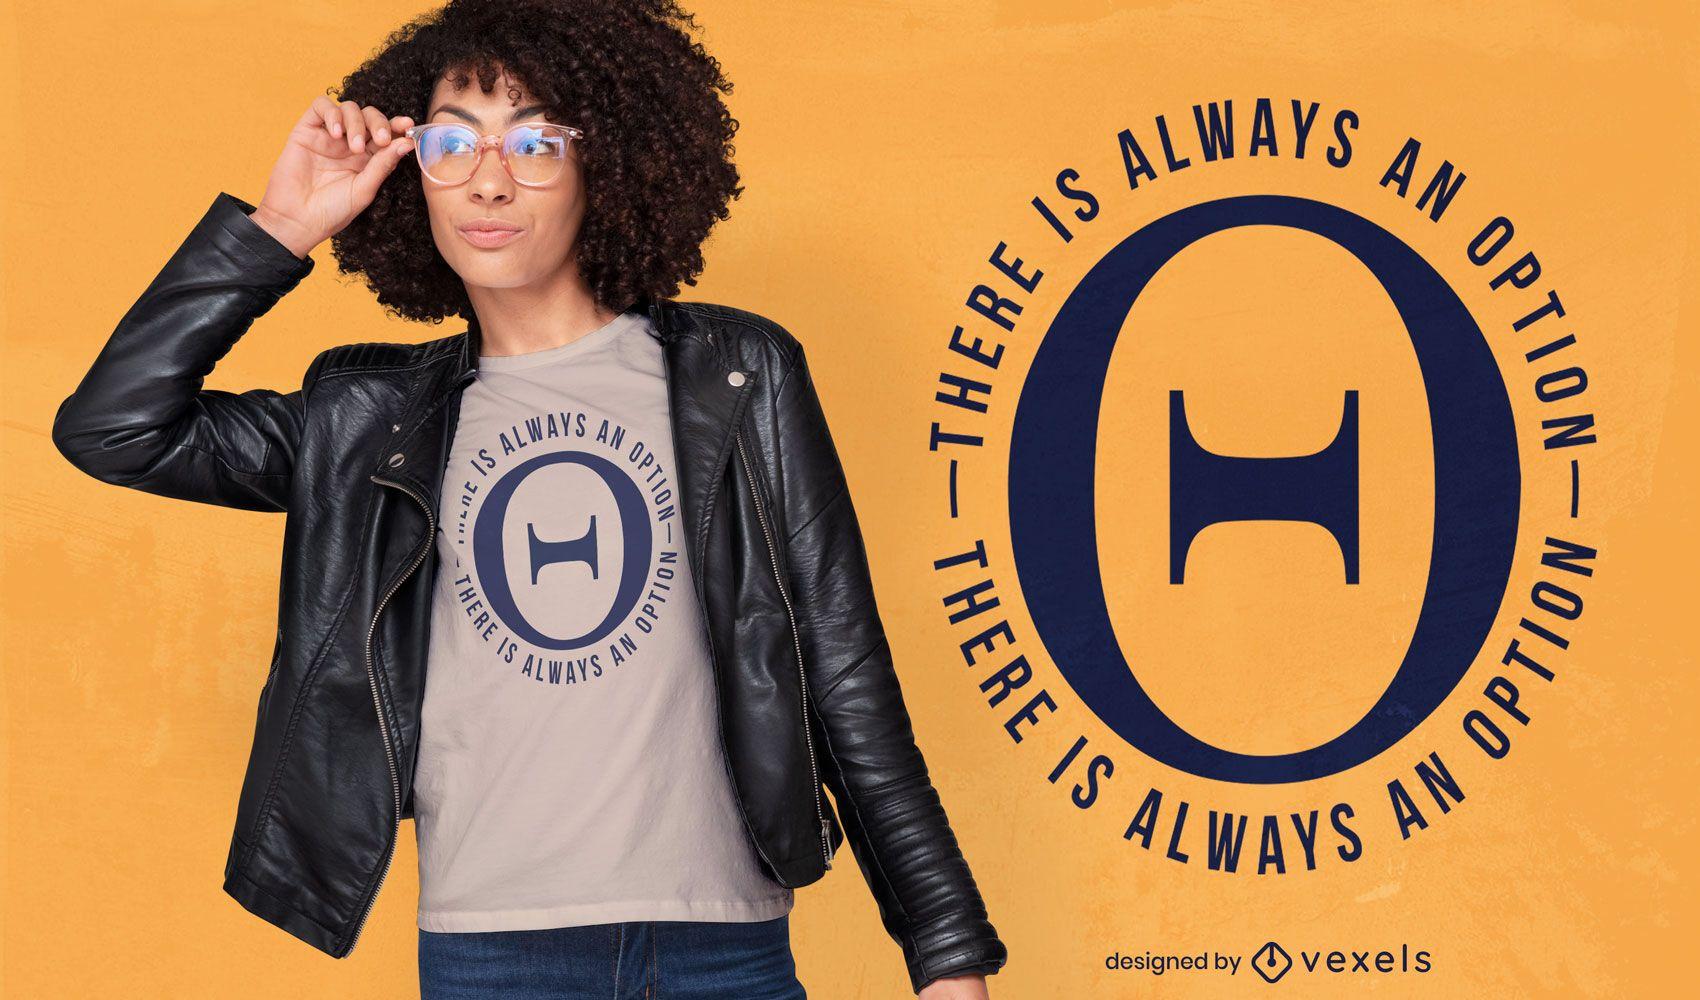 Theta greek alphabet letter t-shirt design